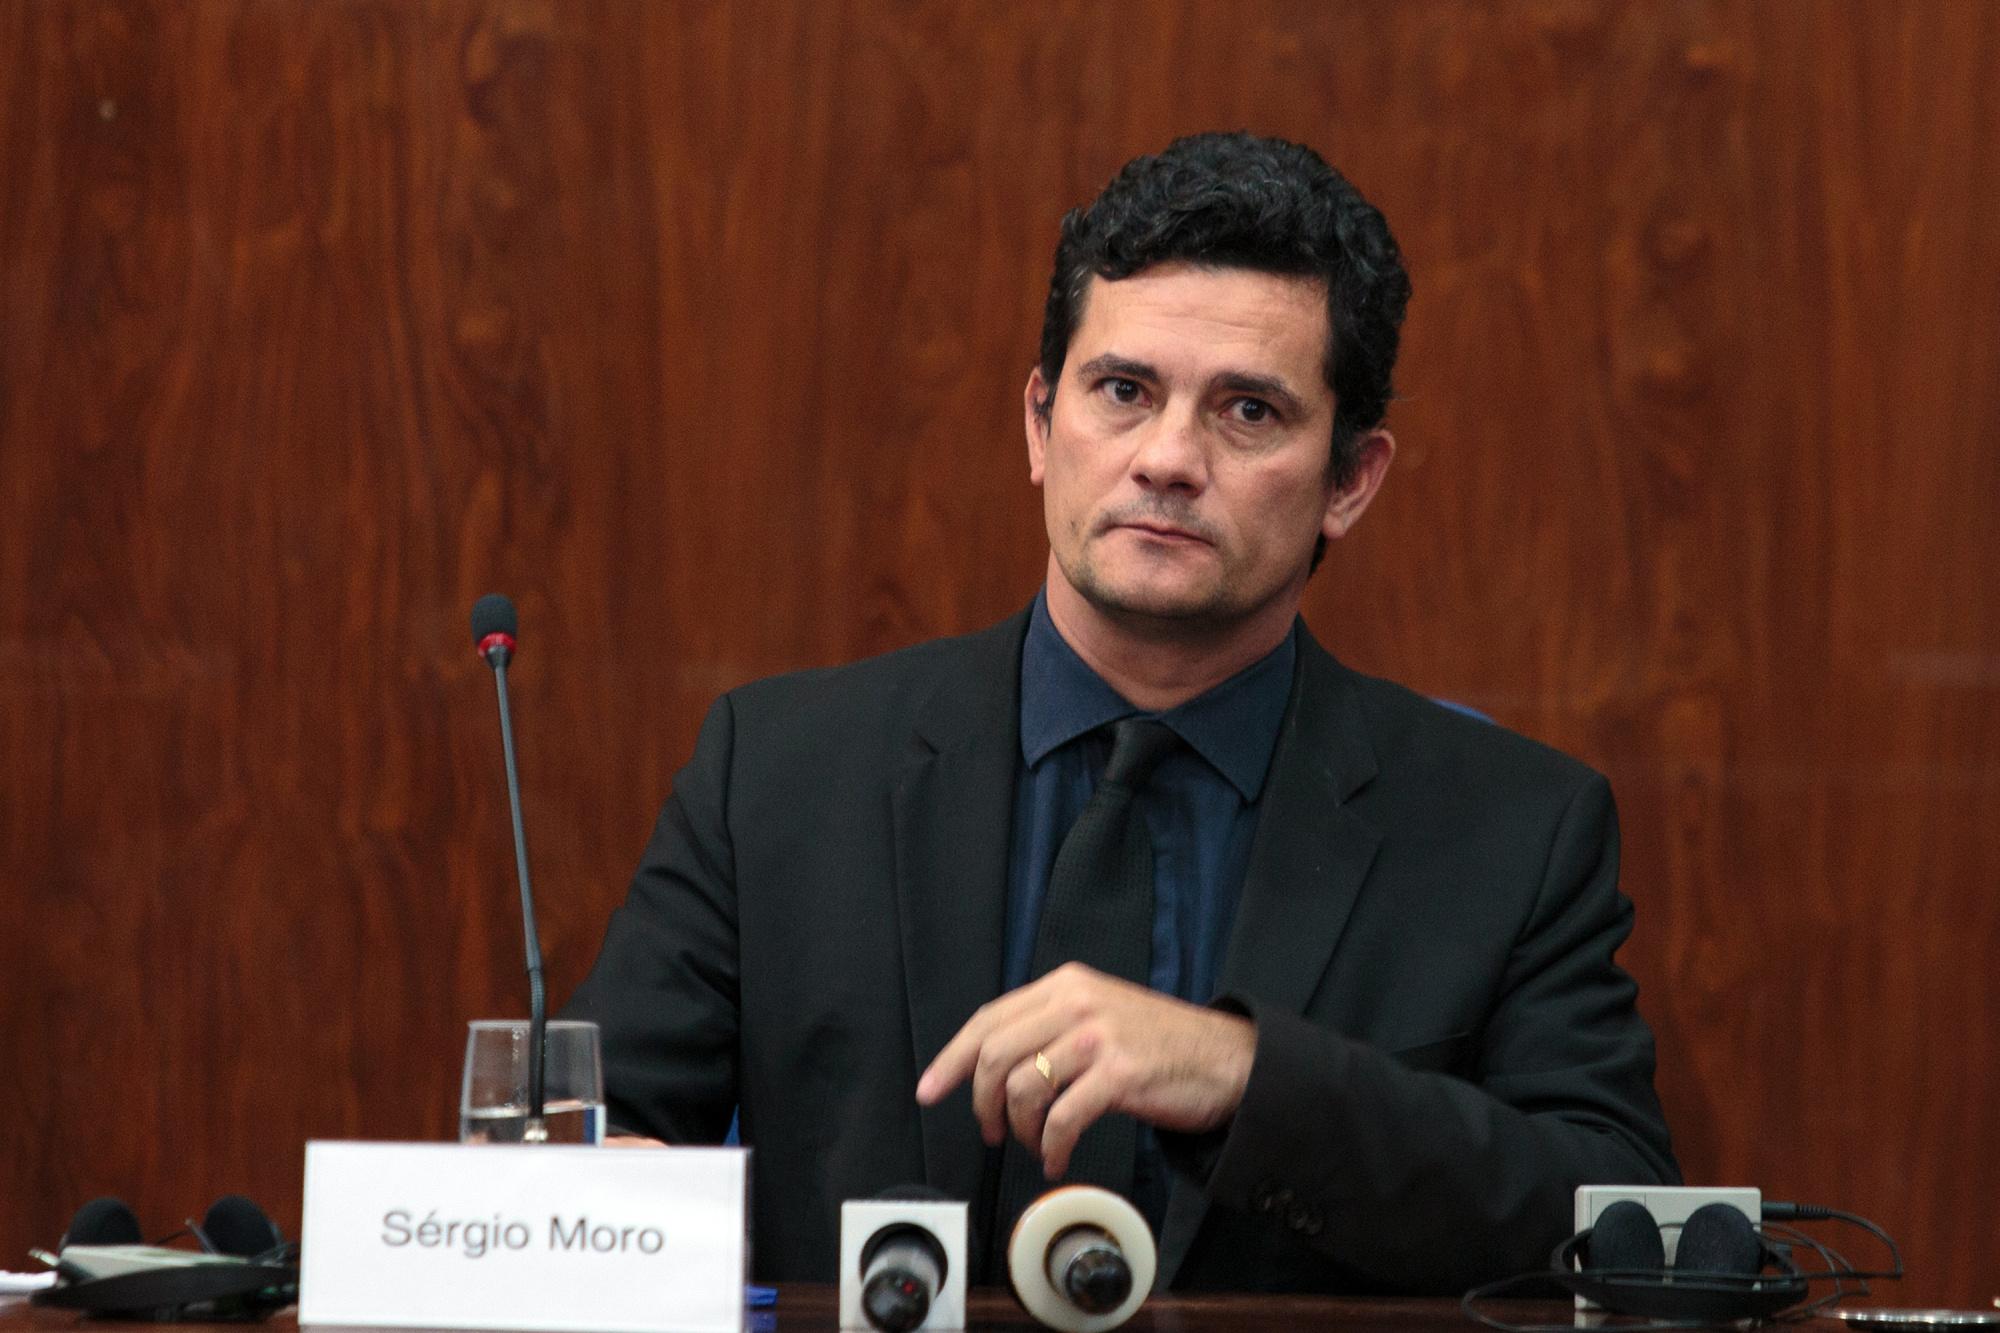 Sergio Moro, Judge In Brazilian Corruption Scandal Attends Lecture